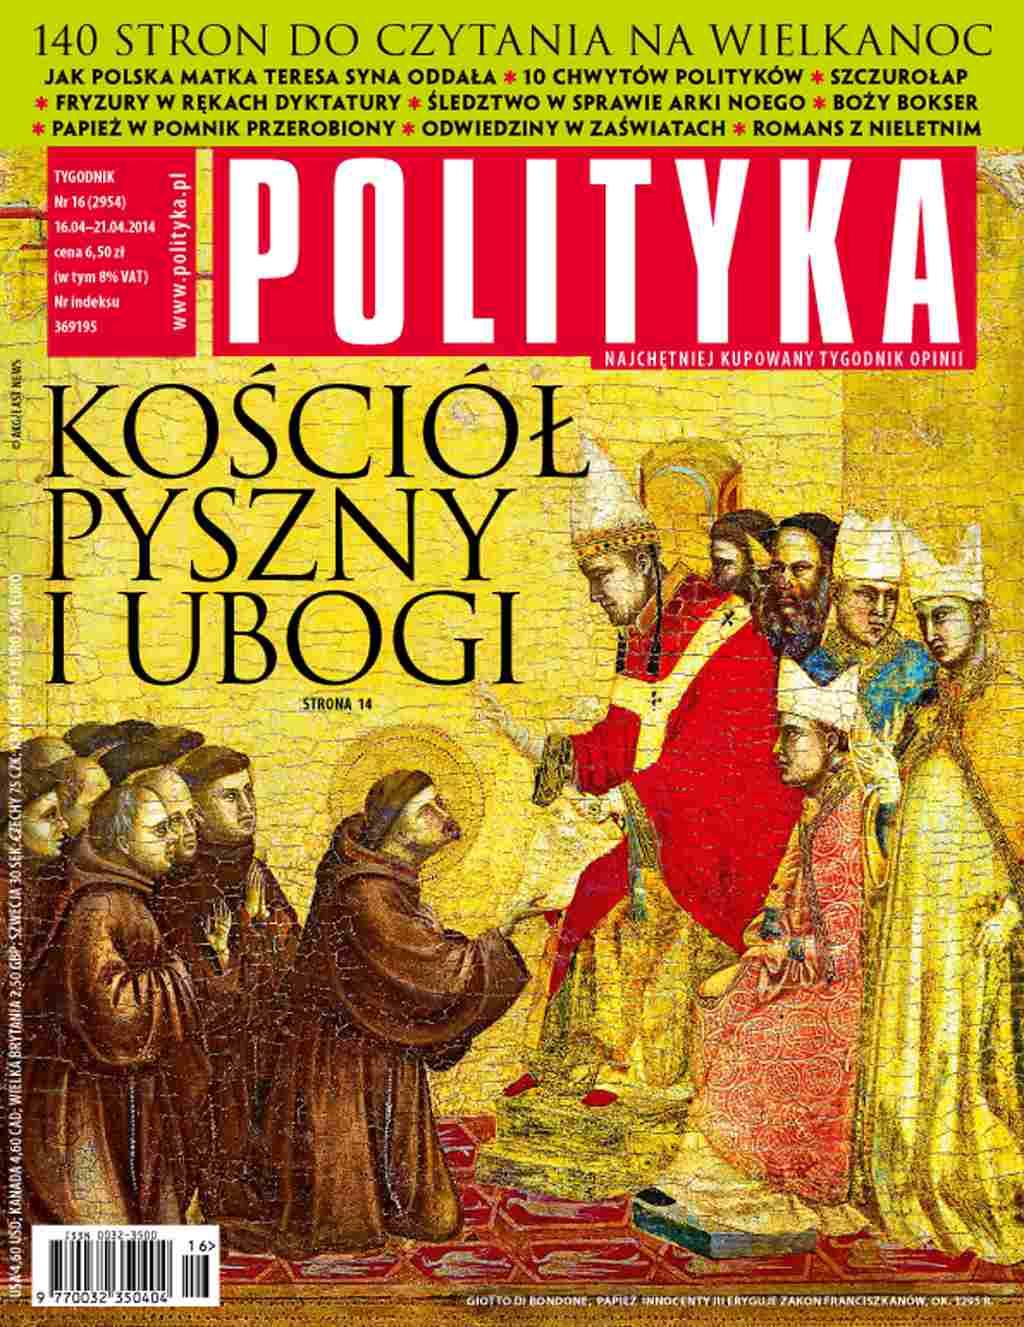 Polityka nr 16/2014 - Ebook (Książka PDF) do pobrania w formacie PDF